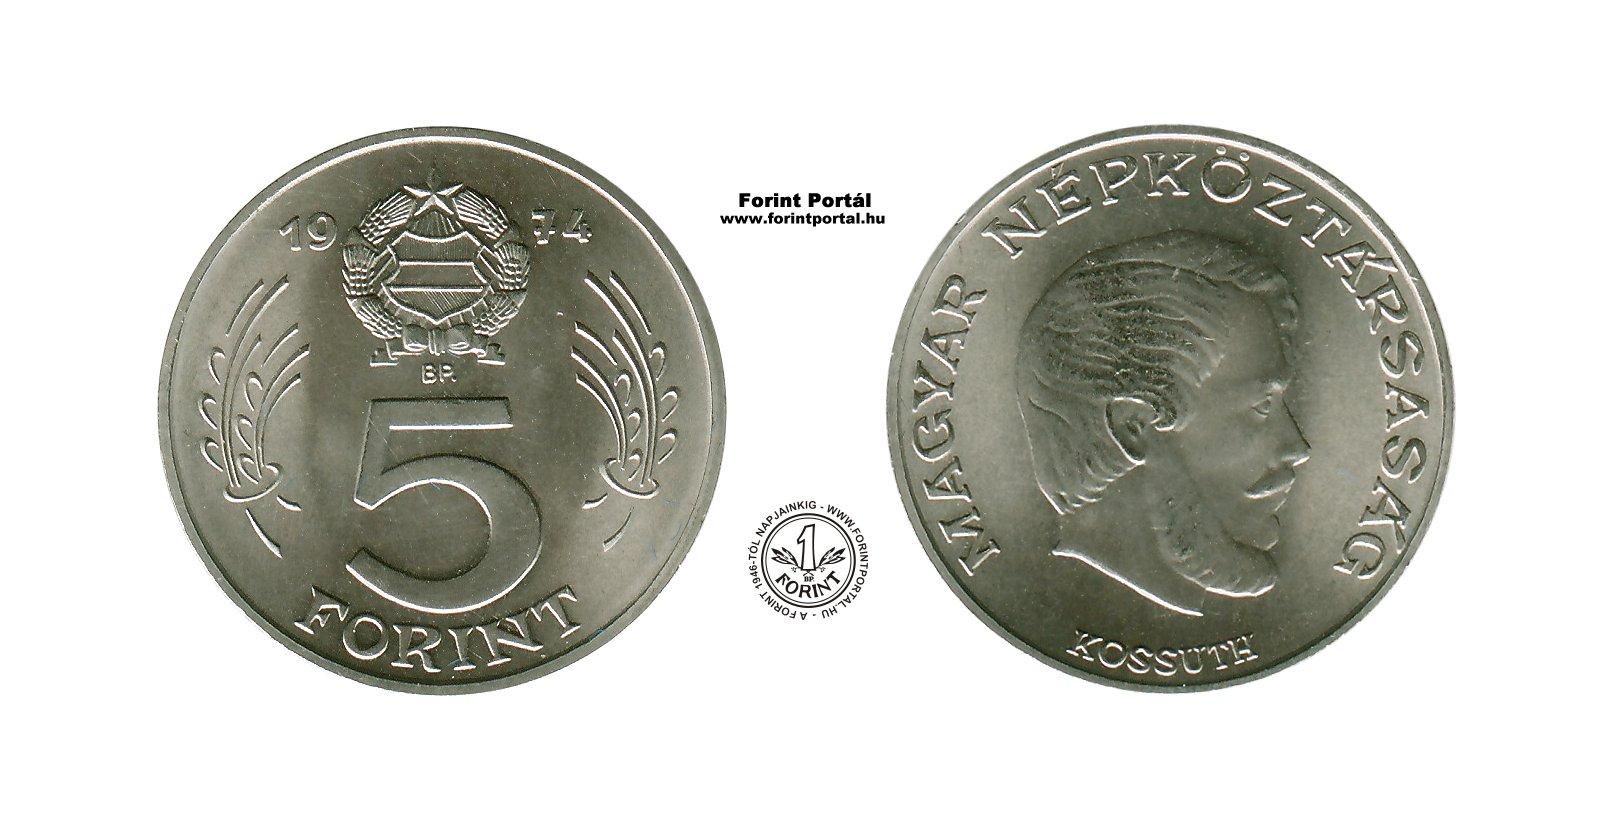 http://www.forintportal.hu/forint/5_forint/www_forintportal_hu_1974_5_forint.jpg